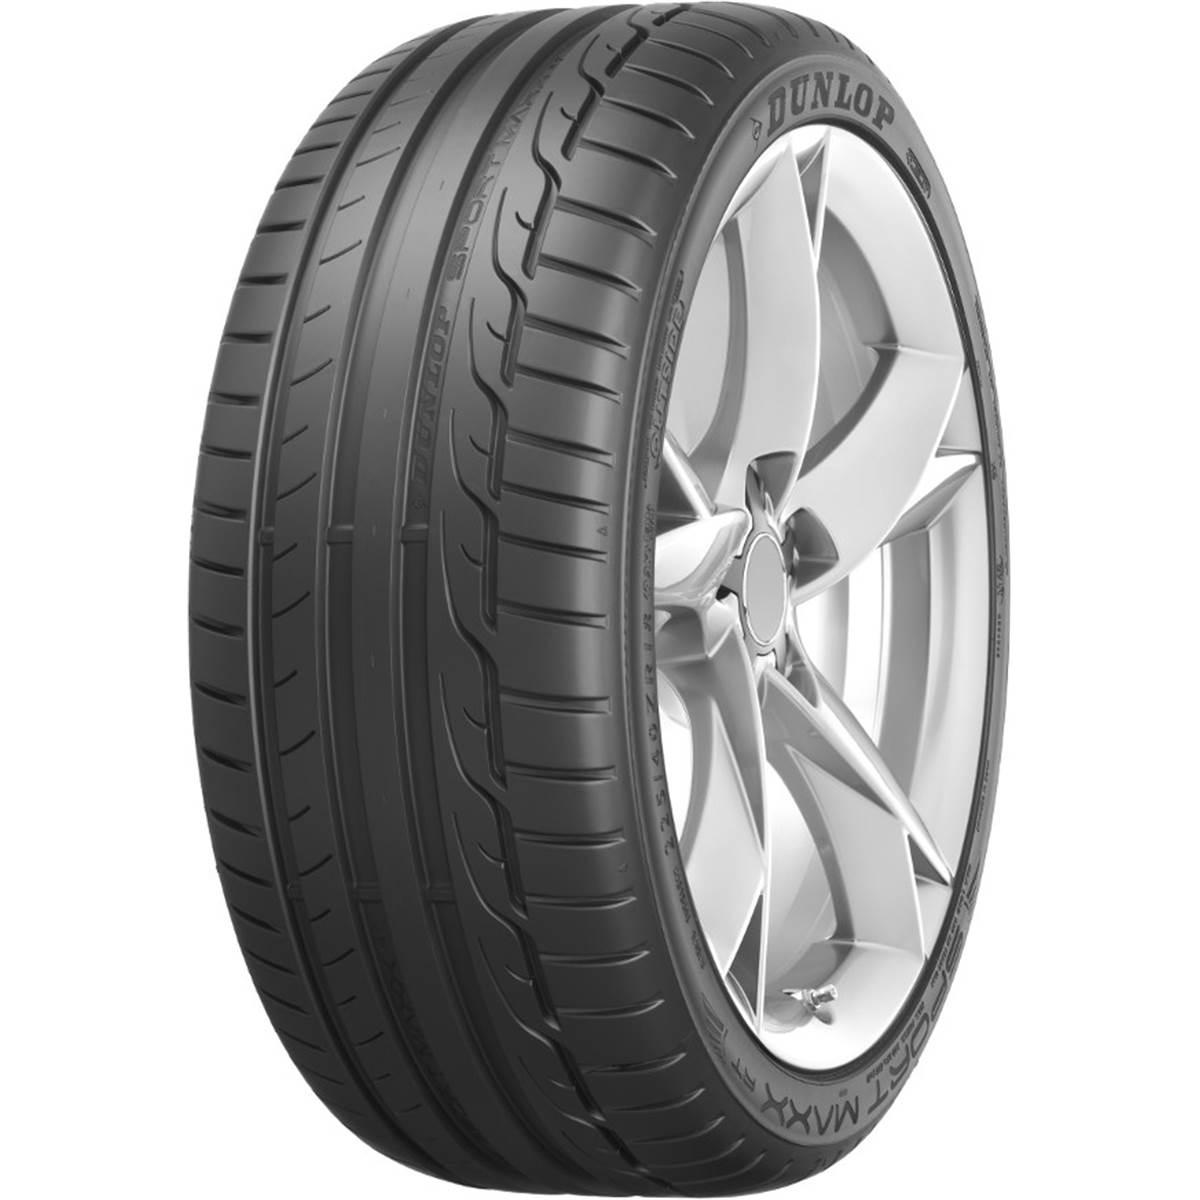 Pneu DUNLOP 335/25R22 105Y Sport Maxx Rt XL